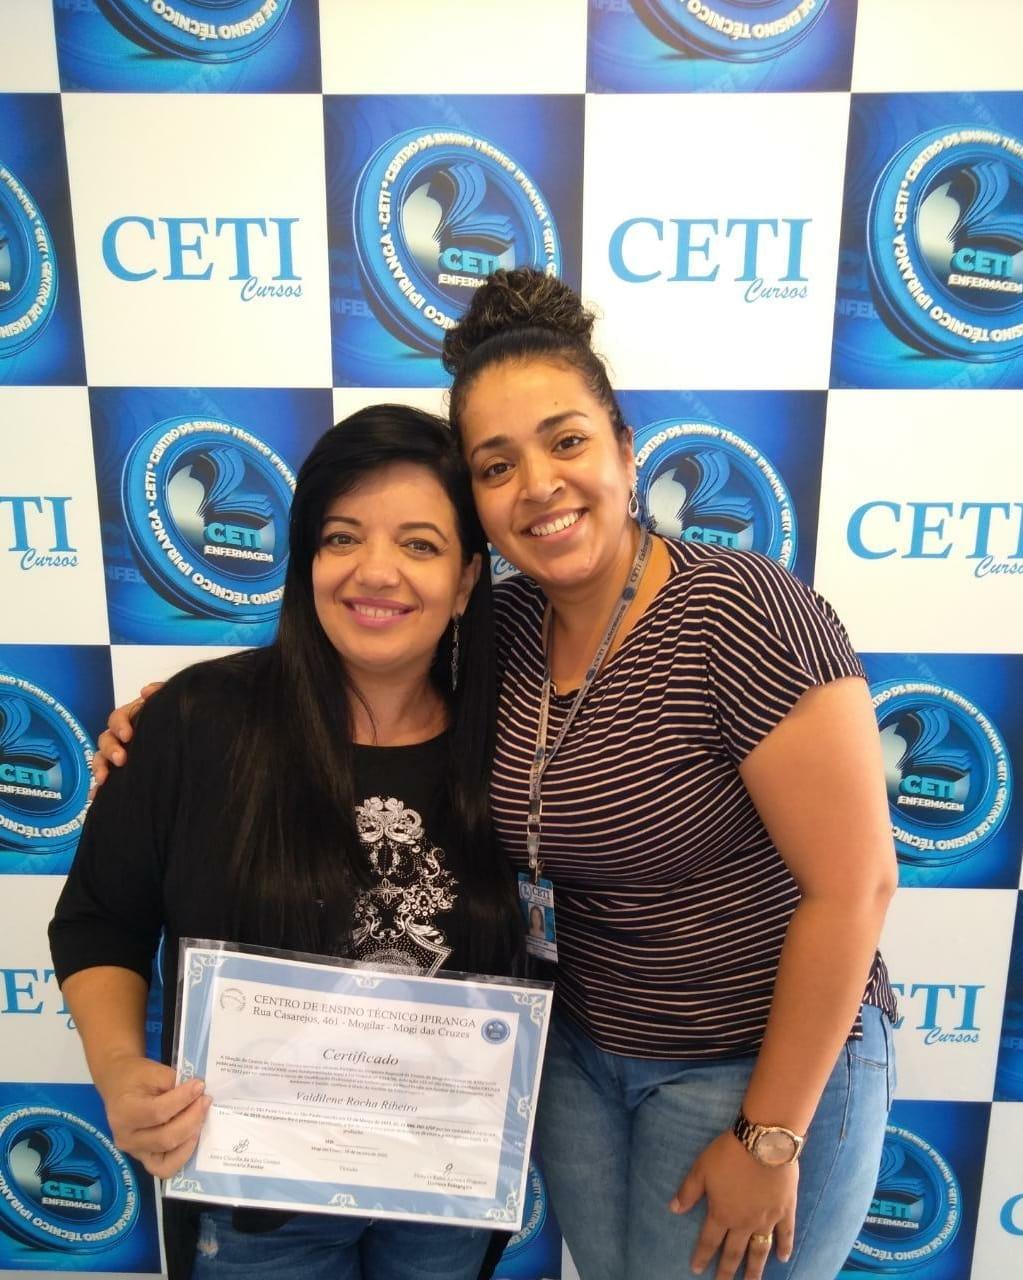 Certificado - VALDILENE ROCHA RIBEIRO